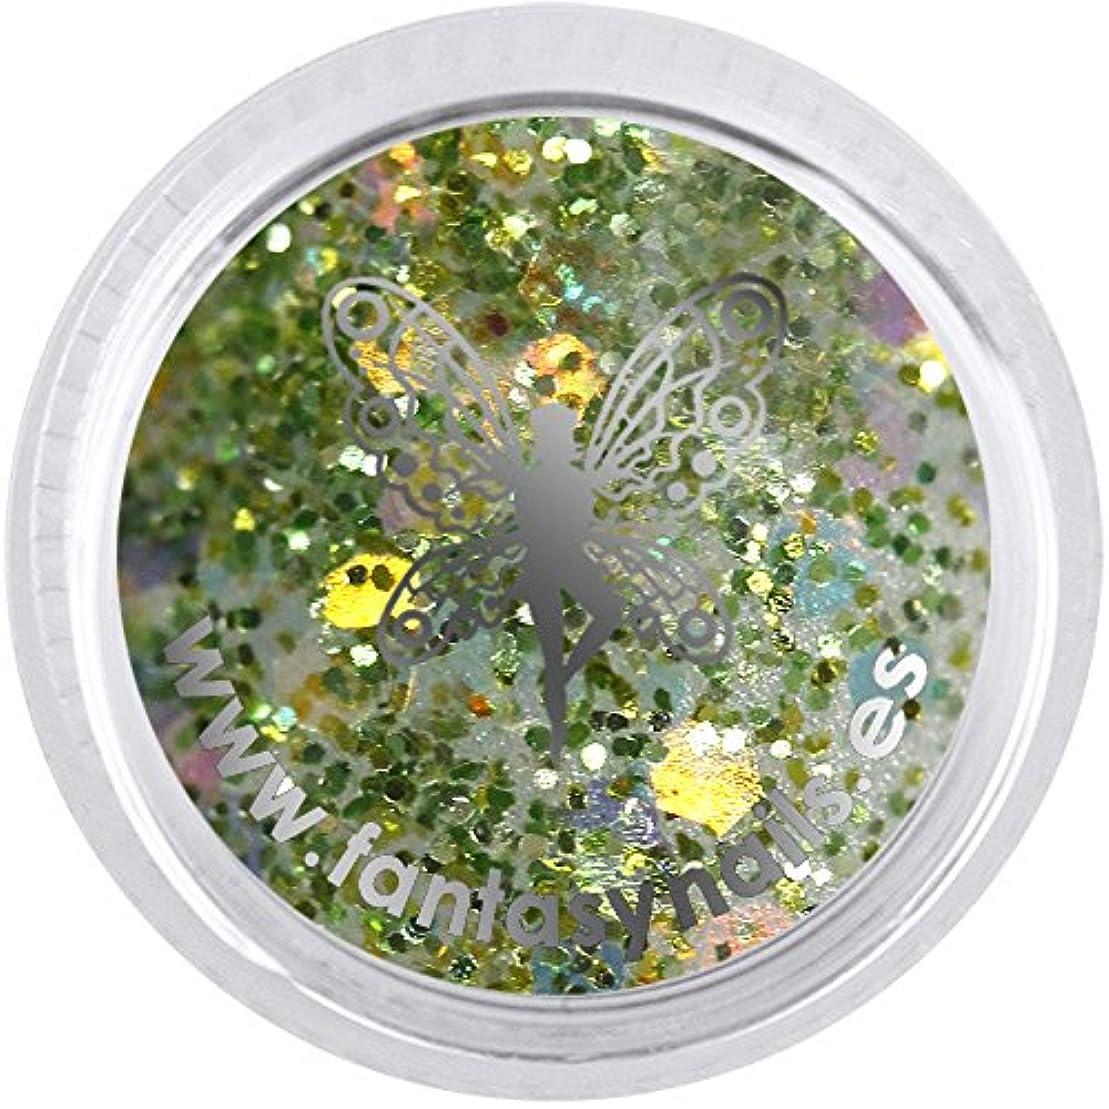 決定するミント意外FANTASY NAIL トウキョウコレクション 3g 4226XS カラーパウダー アート材